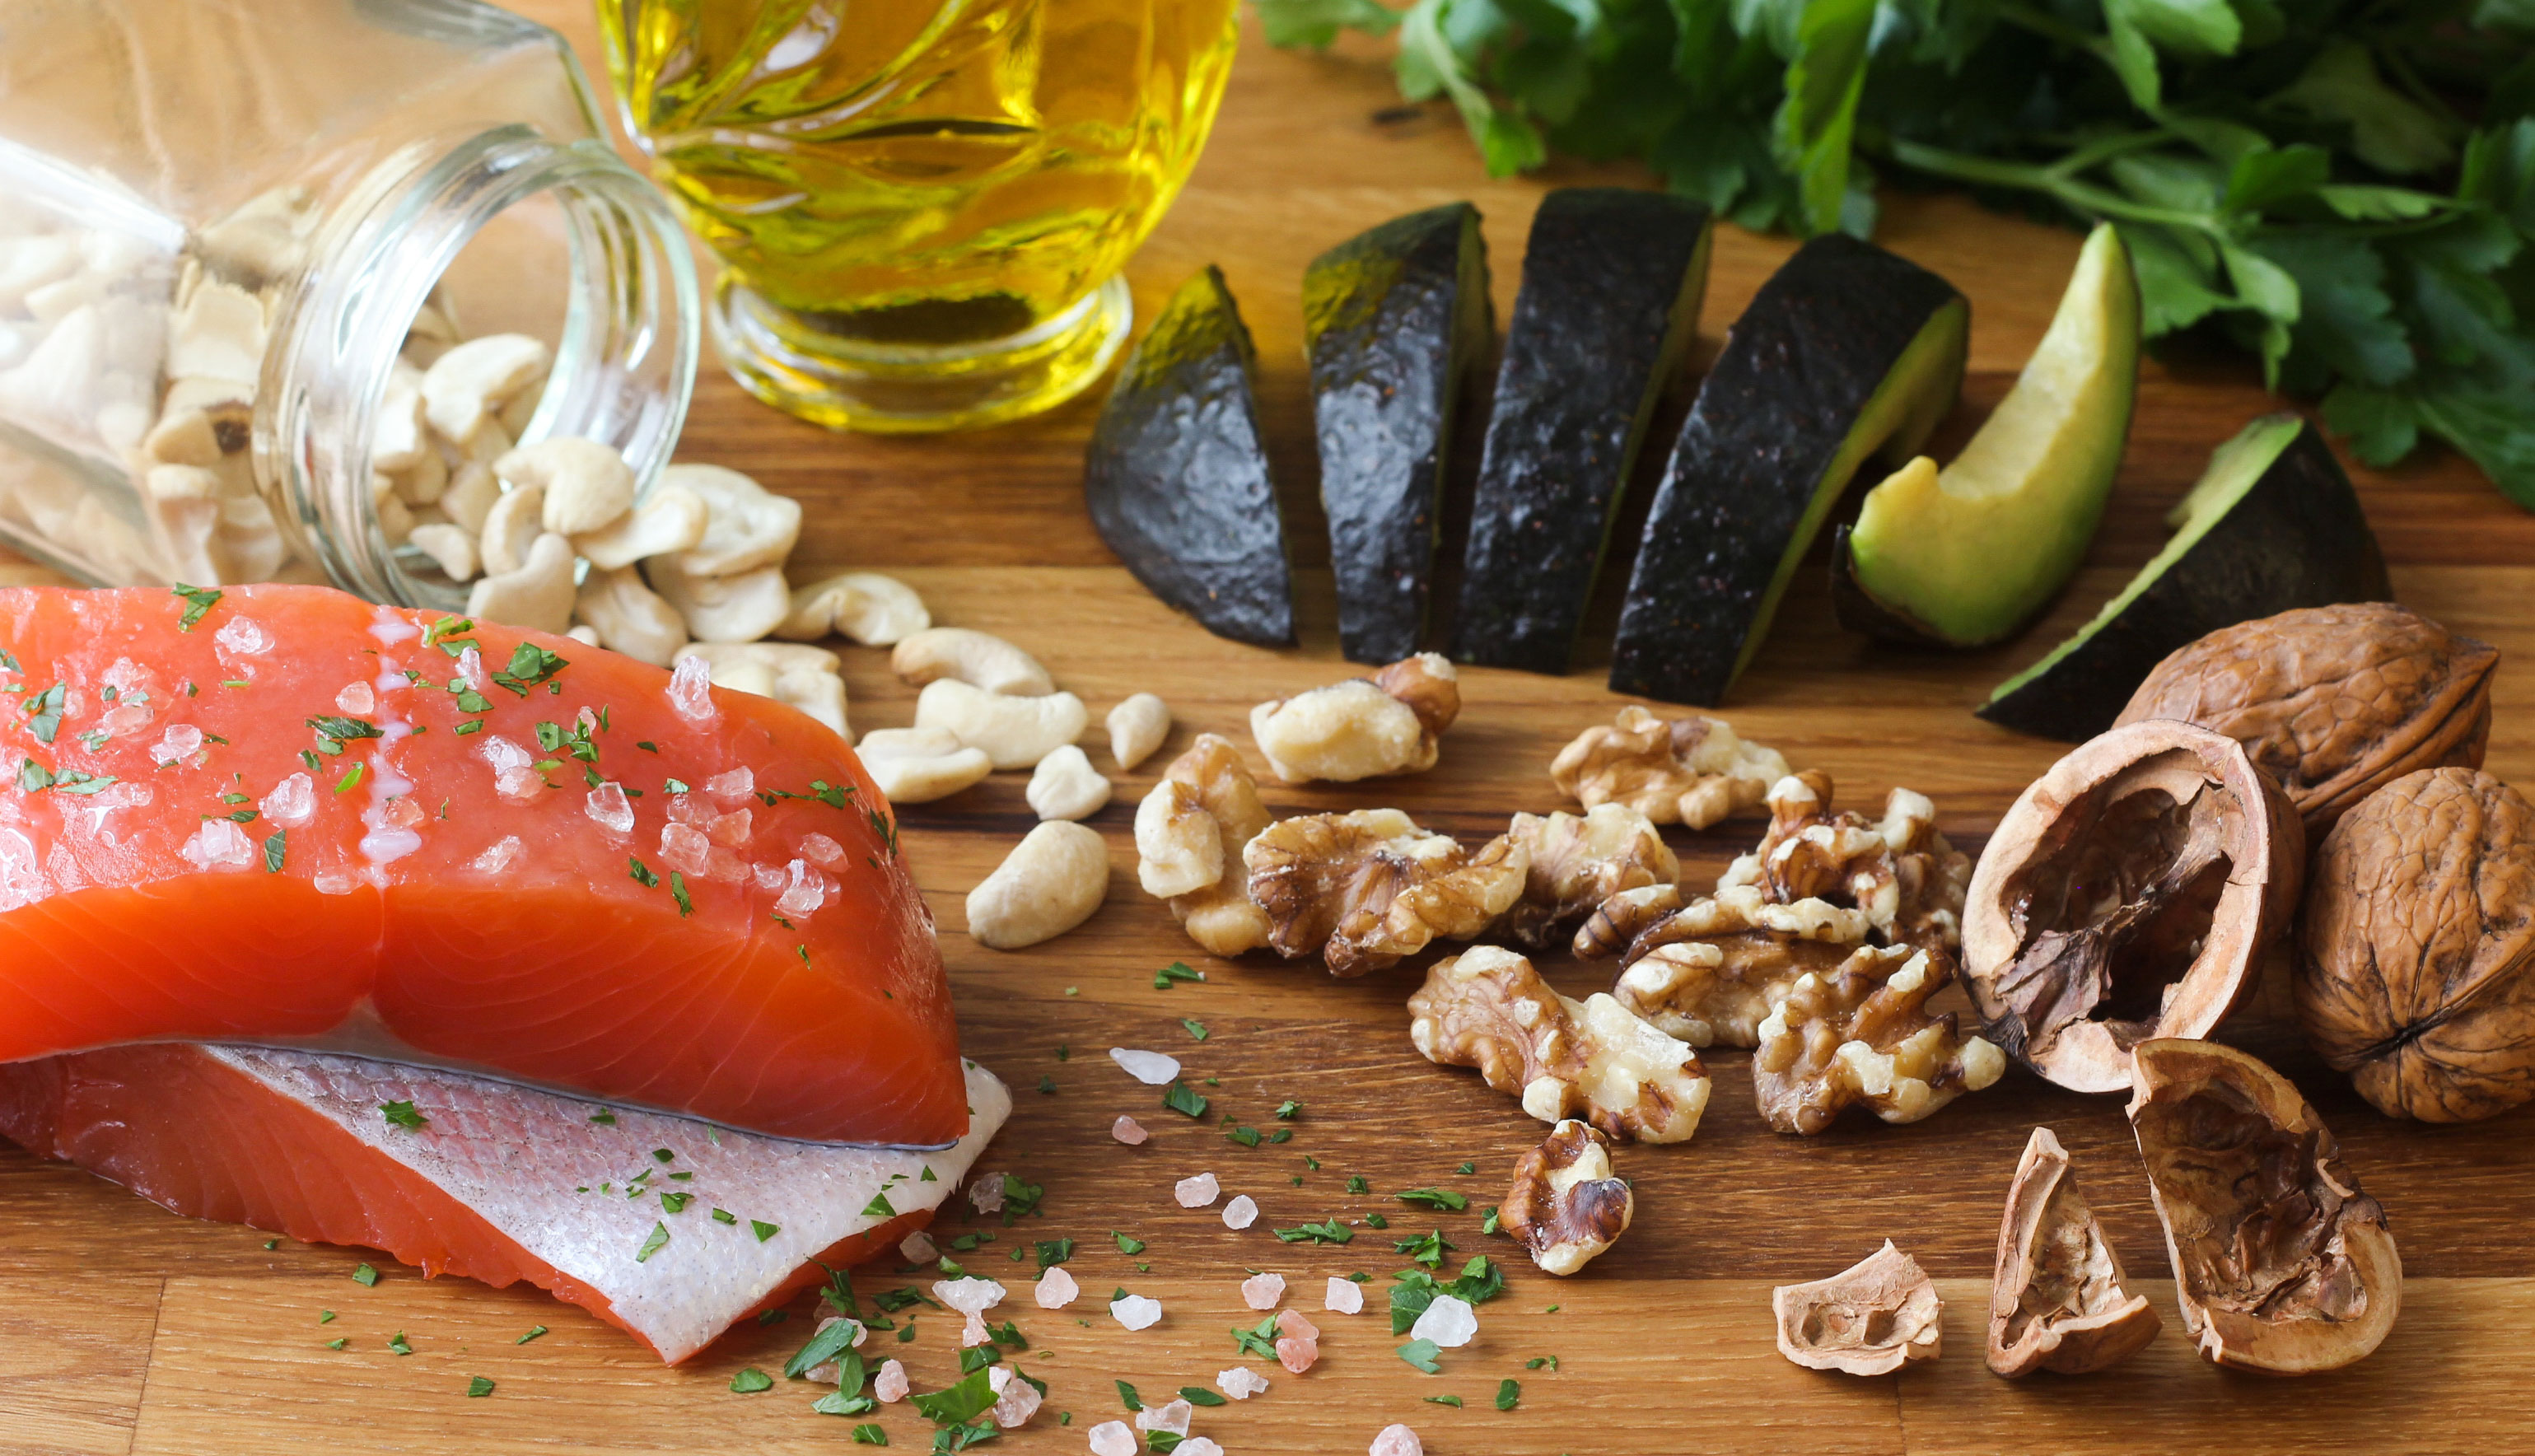 Dieta a base de frutas verduras y carnes